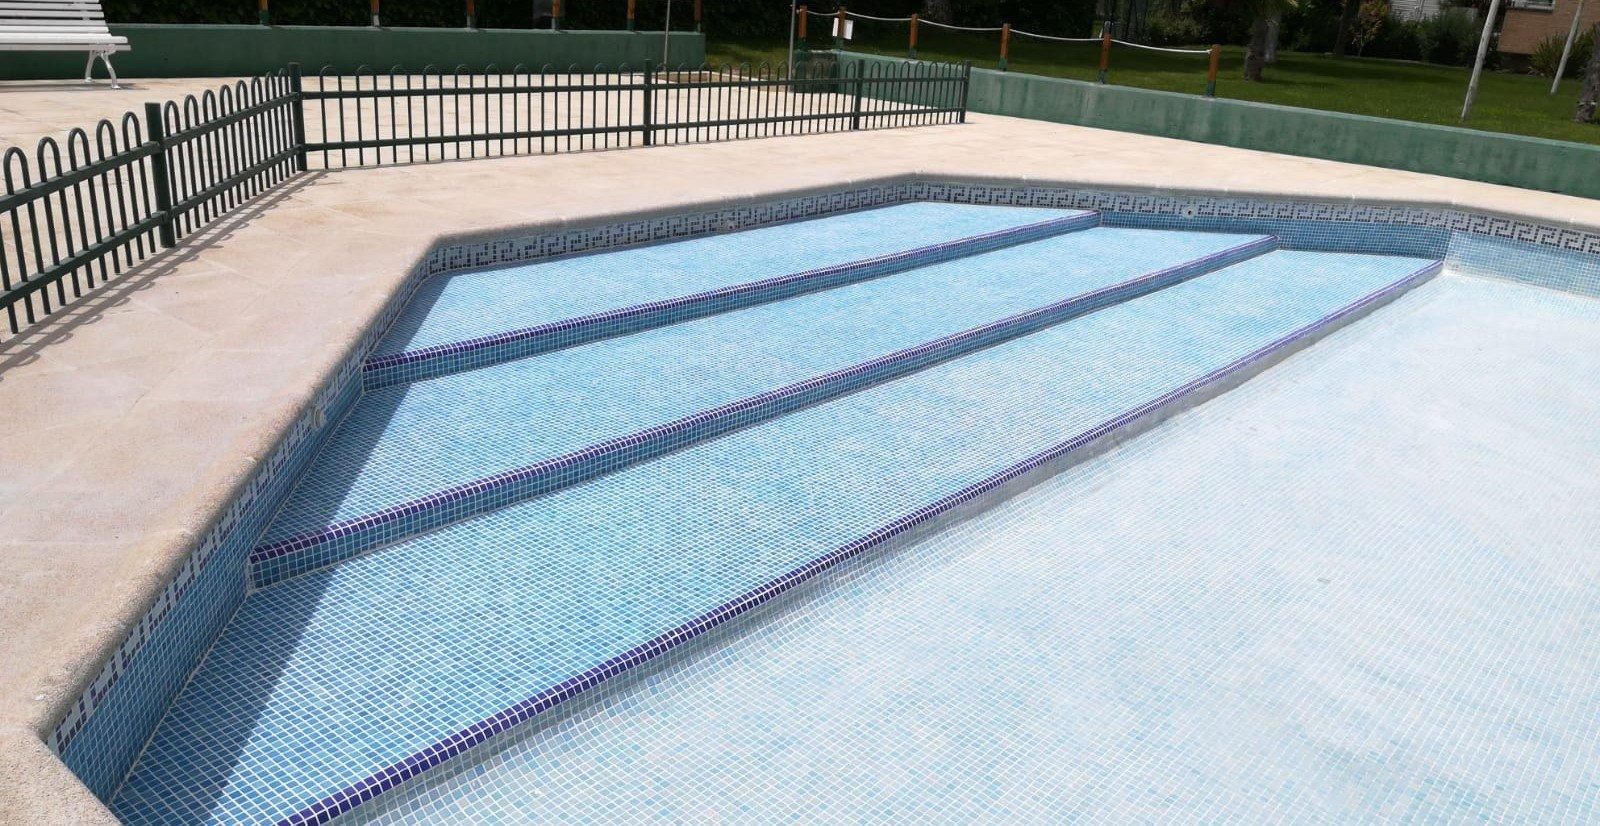 Cómo hacer tu piscina accesible para discapacitados y personas mayores